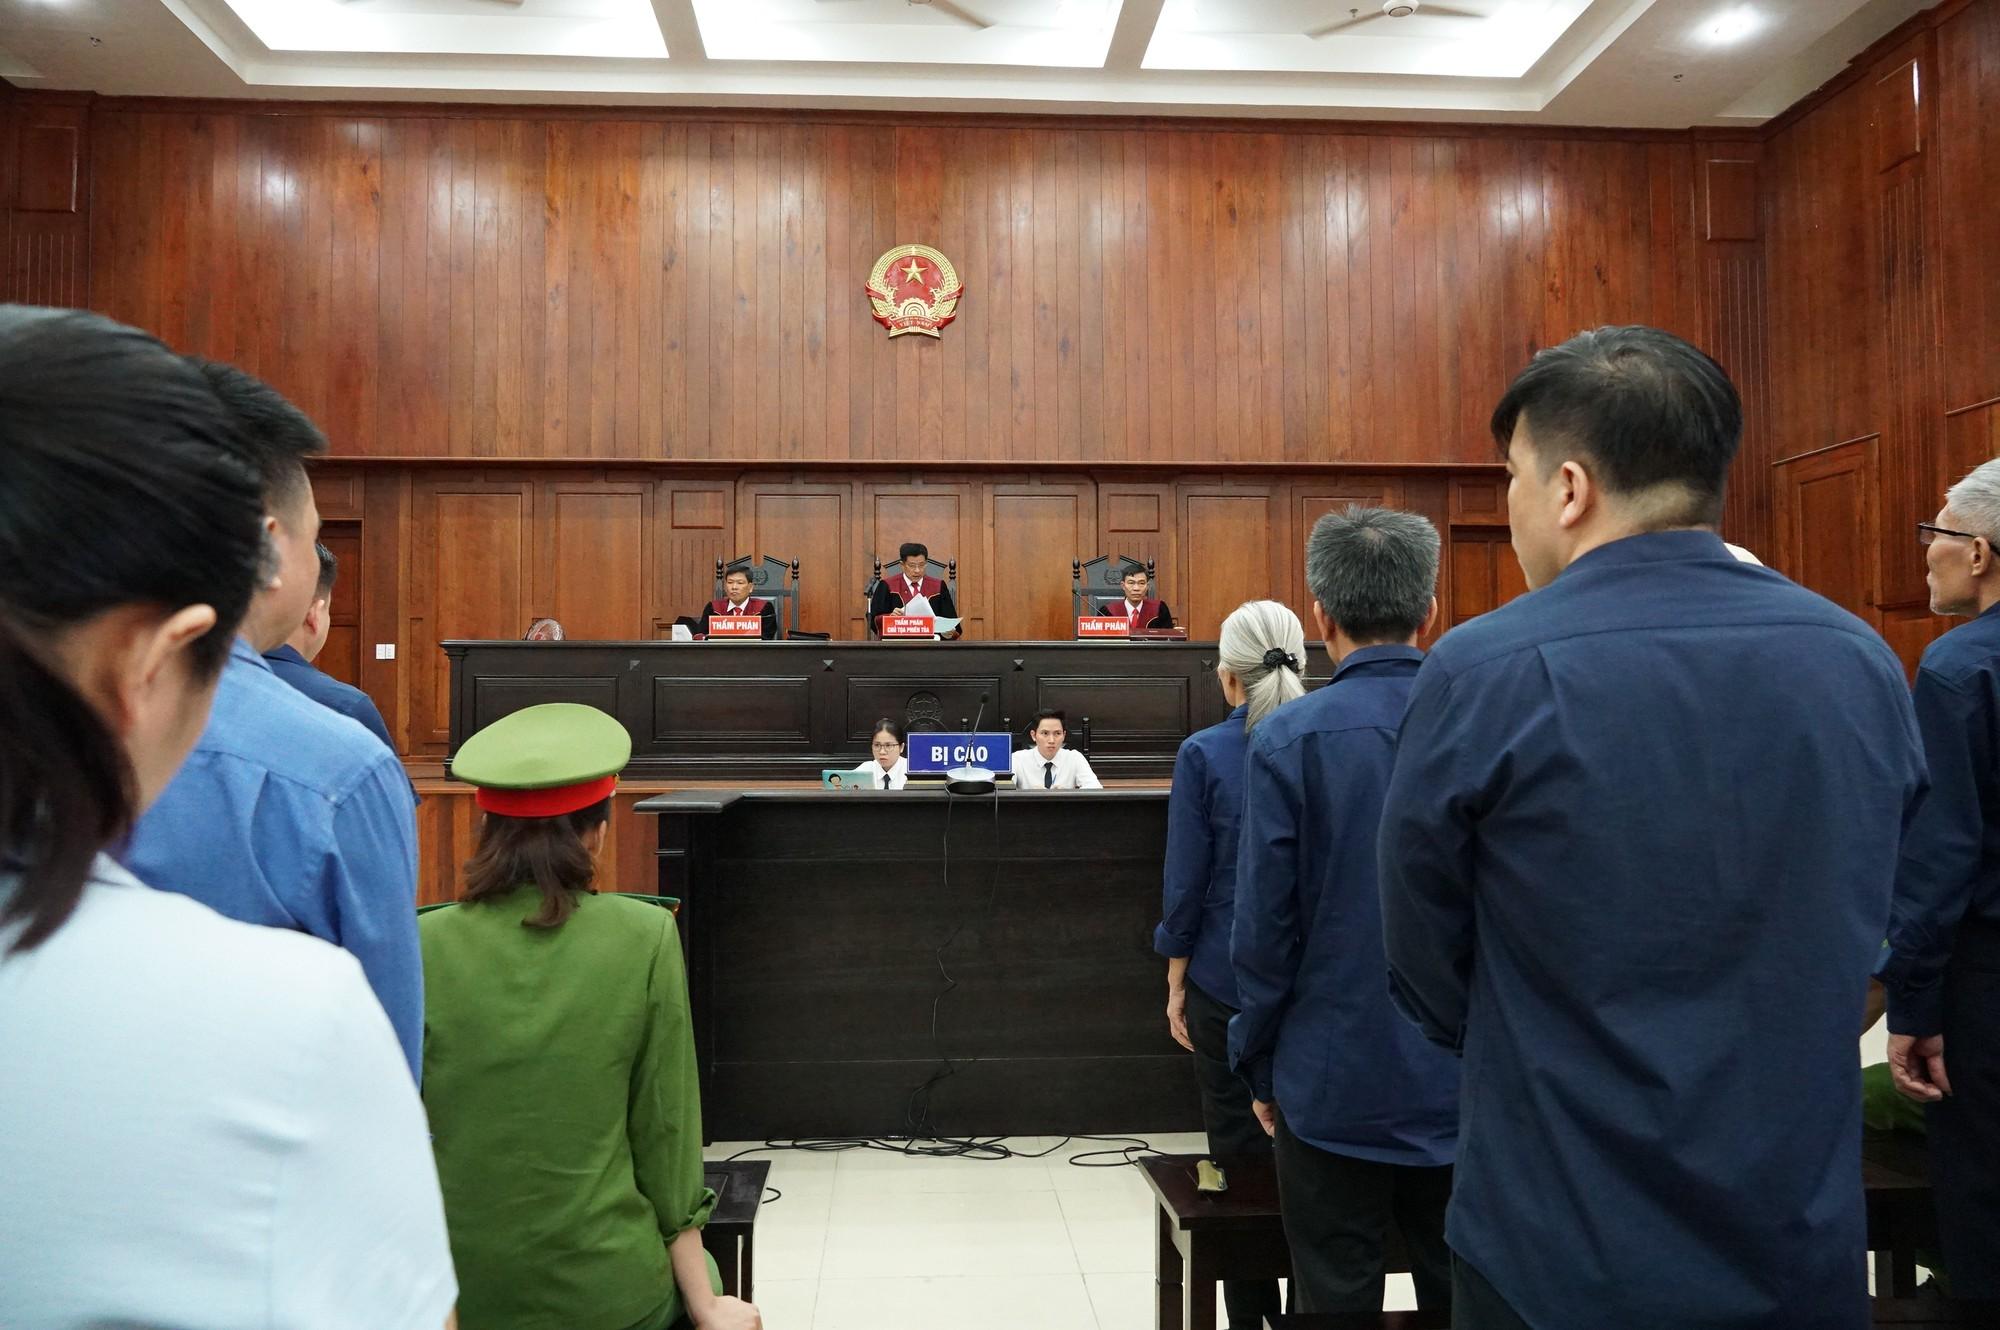 Vũ nhôm tươi cười dù kêu oan bất thành trong đại án 3.600 tỉ ở ngân hàng Đông Á - Ảnh 13.